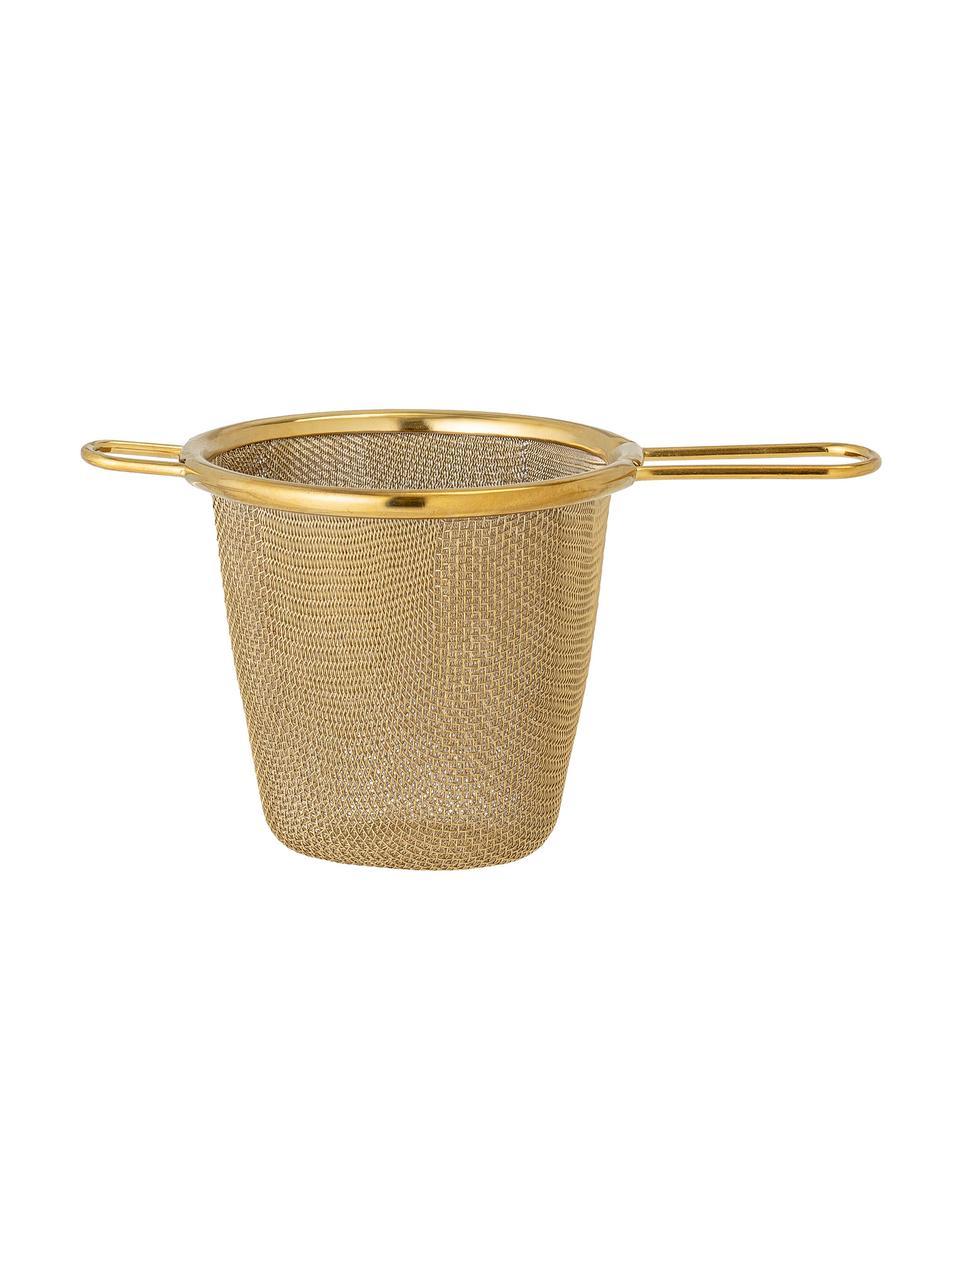 Sitko do herbaty Kronos, Stal szlachetna powlekana, Odcienie mosiądzu, S 14 x W 7 cm